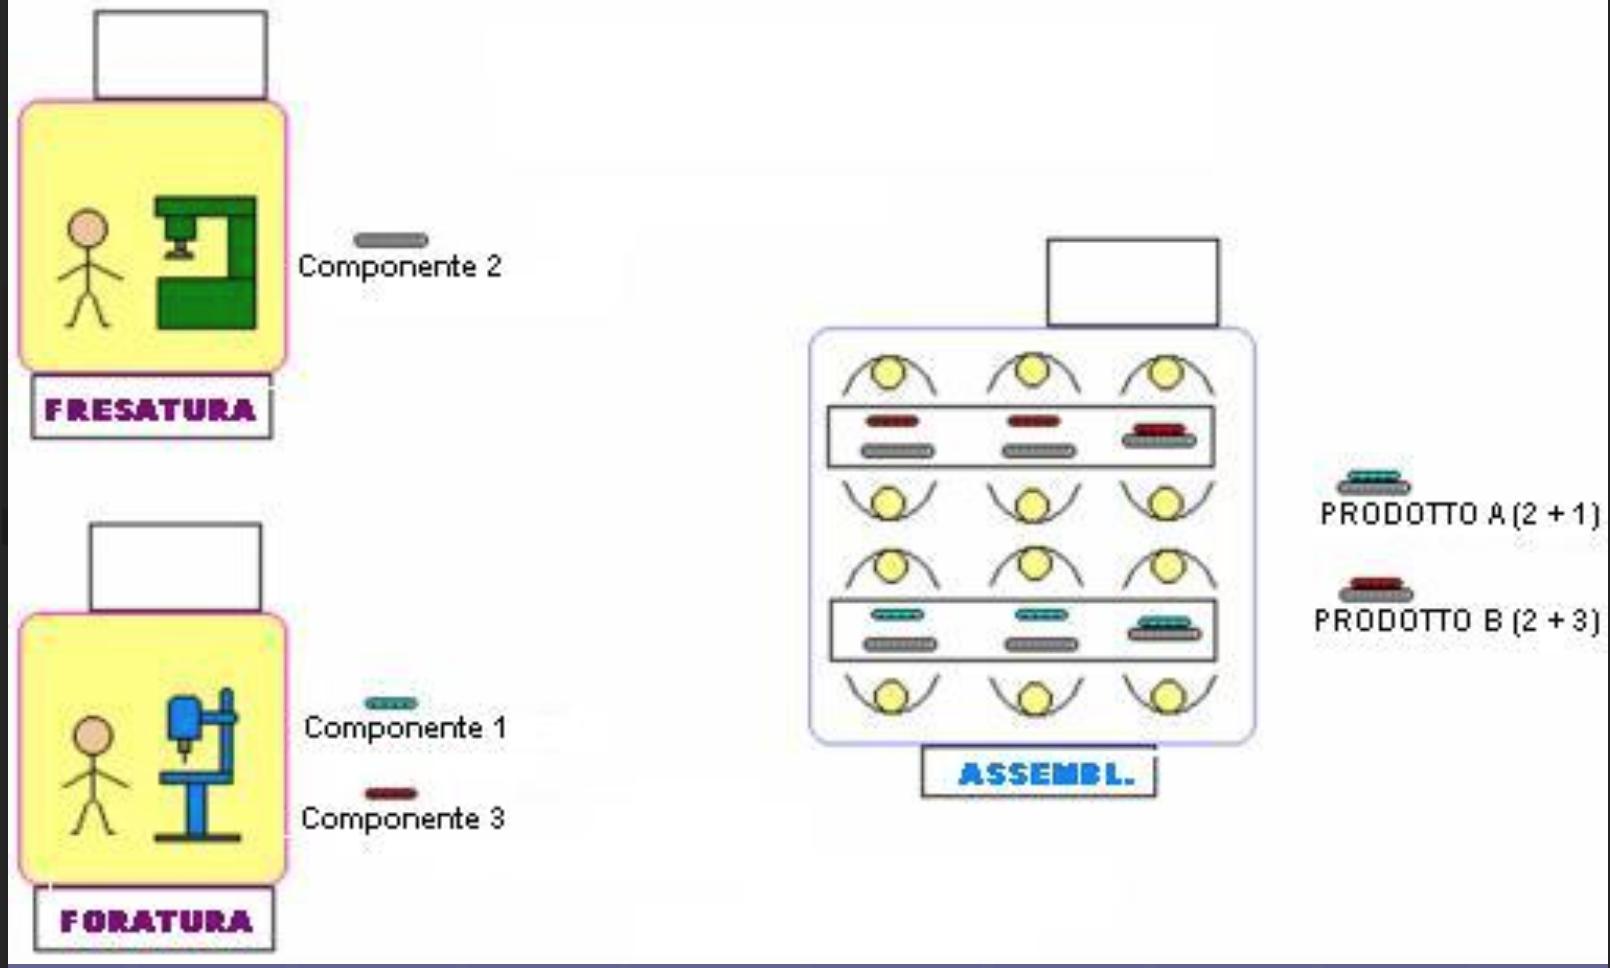 Esempio di metodo kanban fase 1